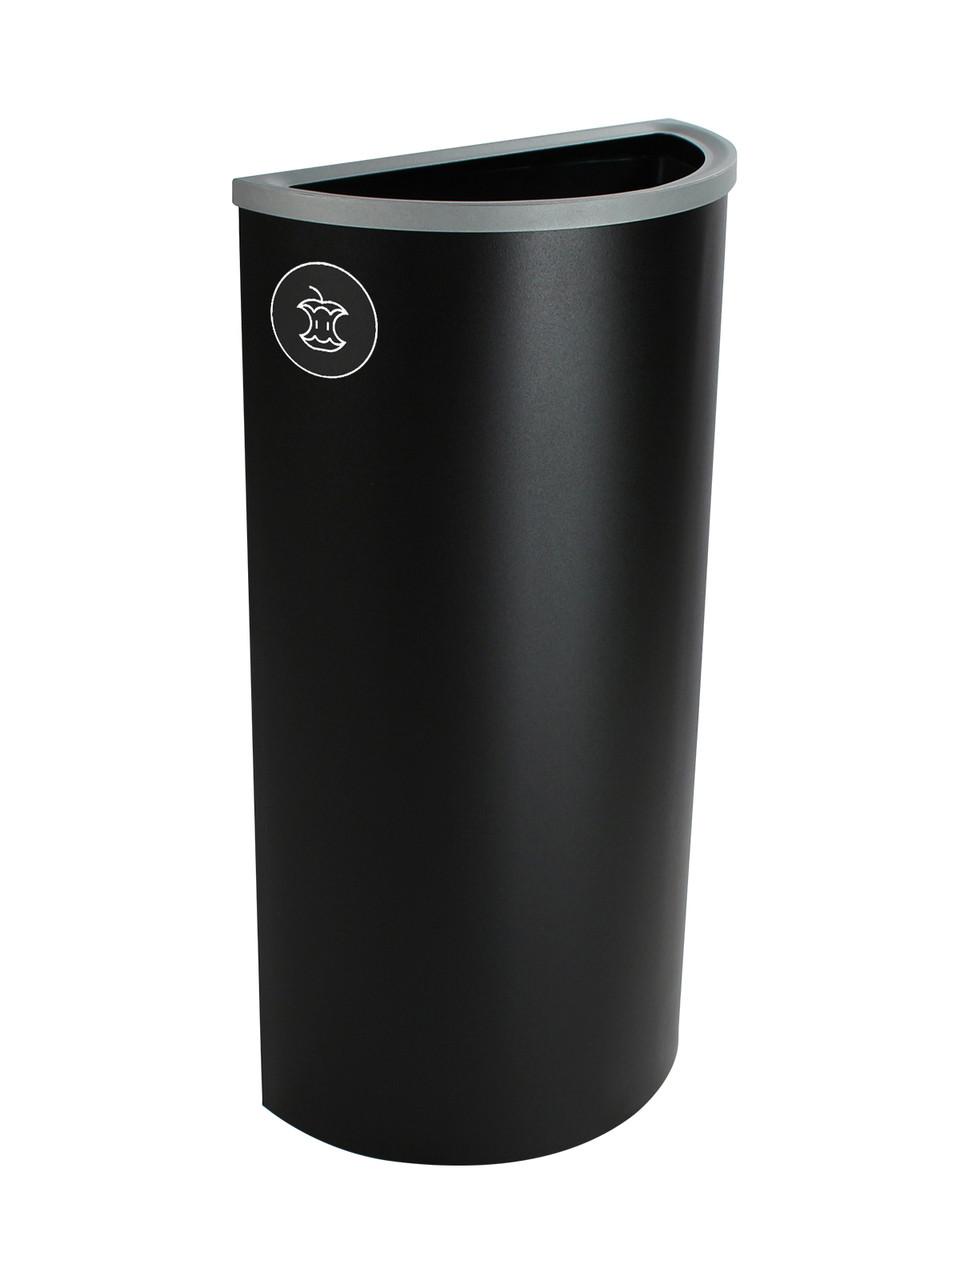 8 Gallon Steel Spectrum Half Round Compost Bin Black 8107034-4